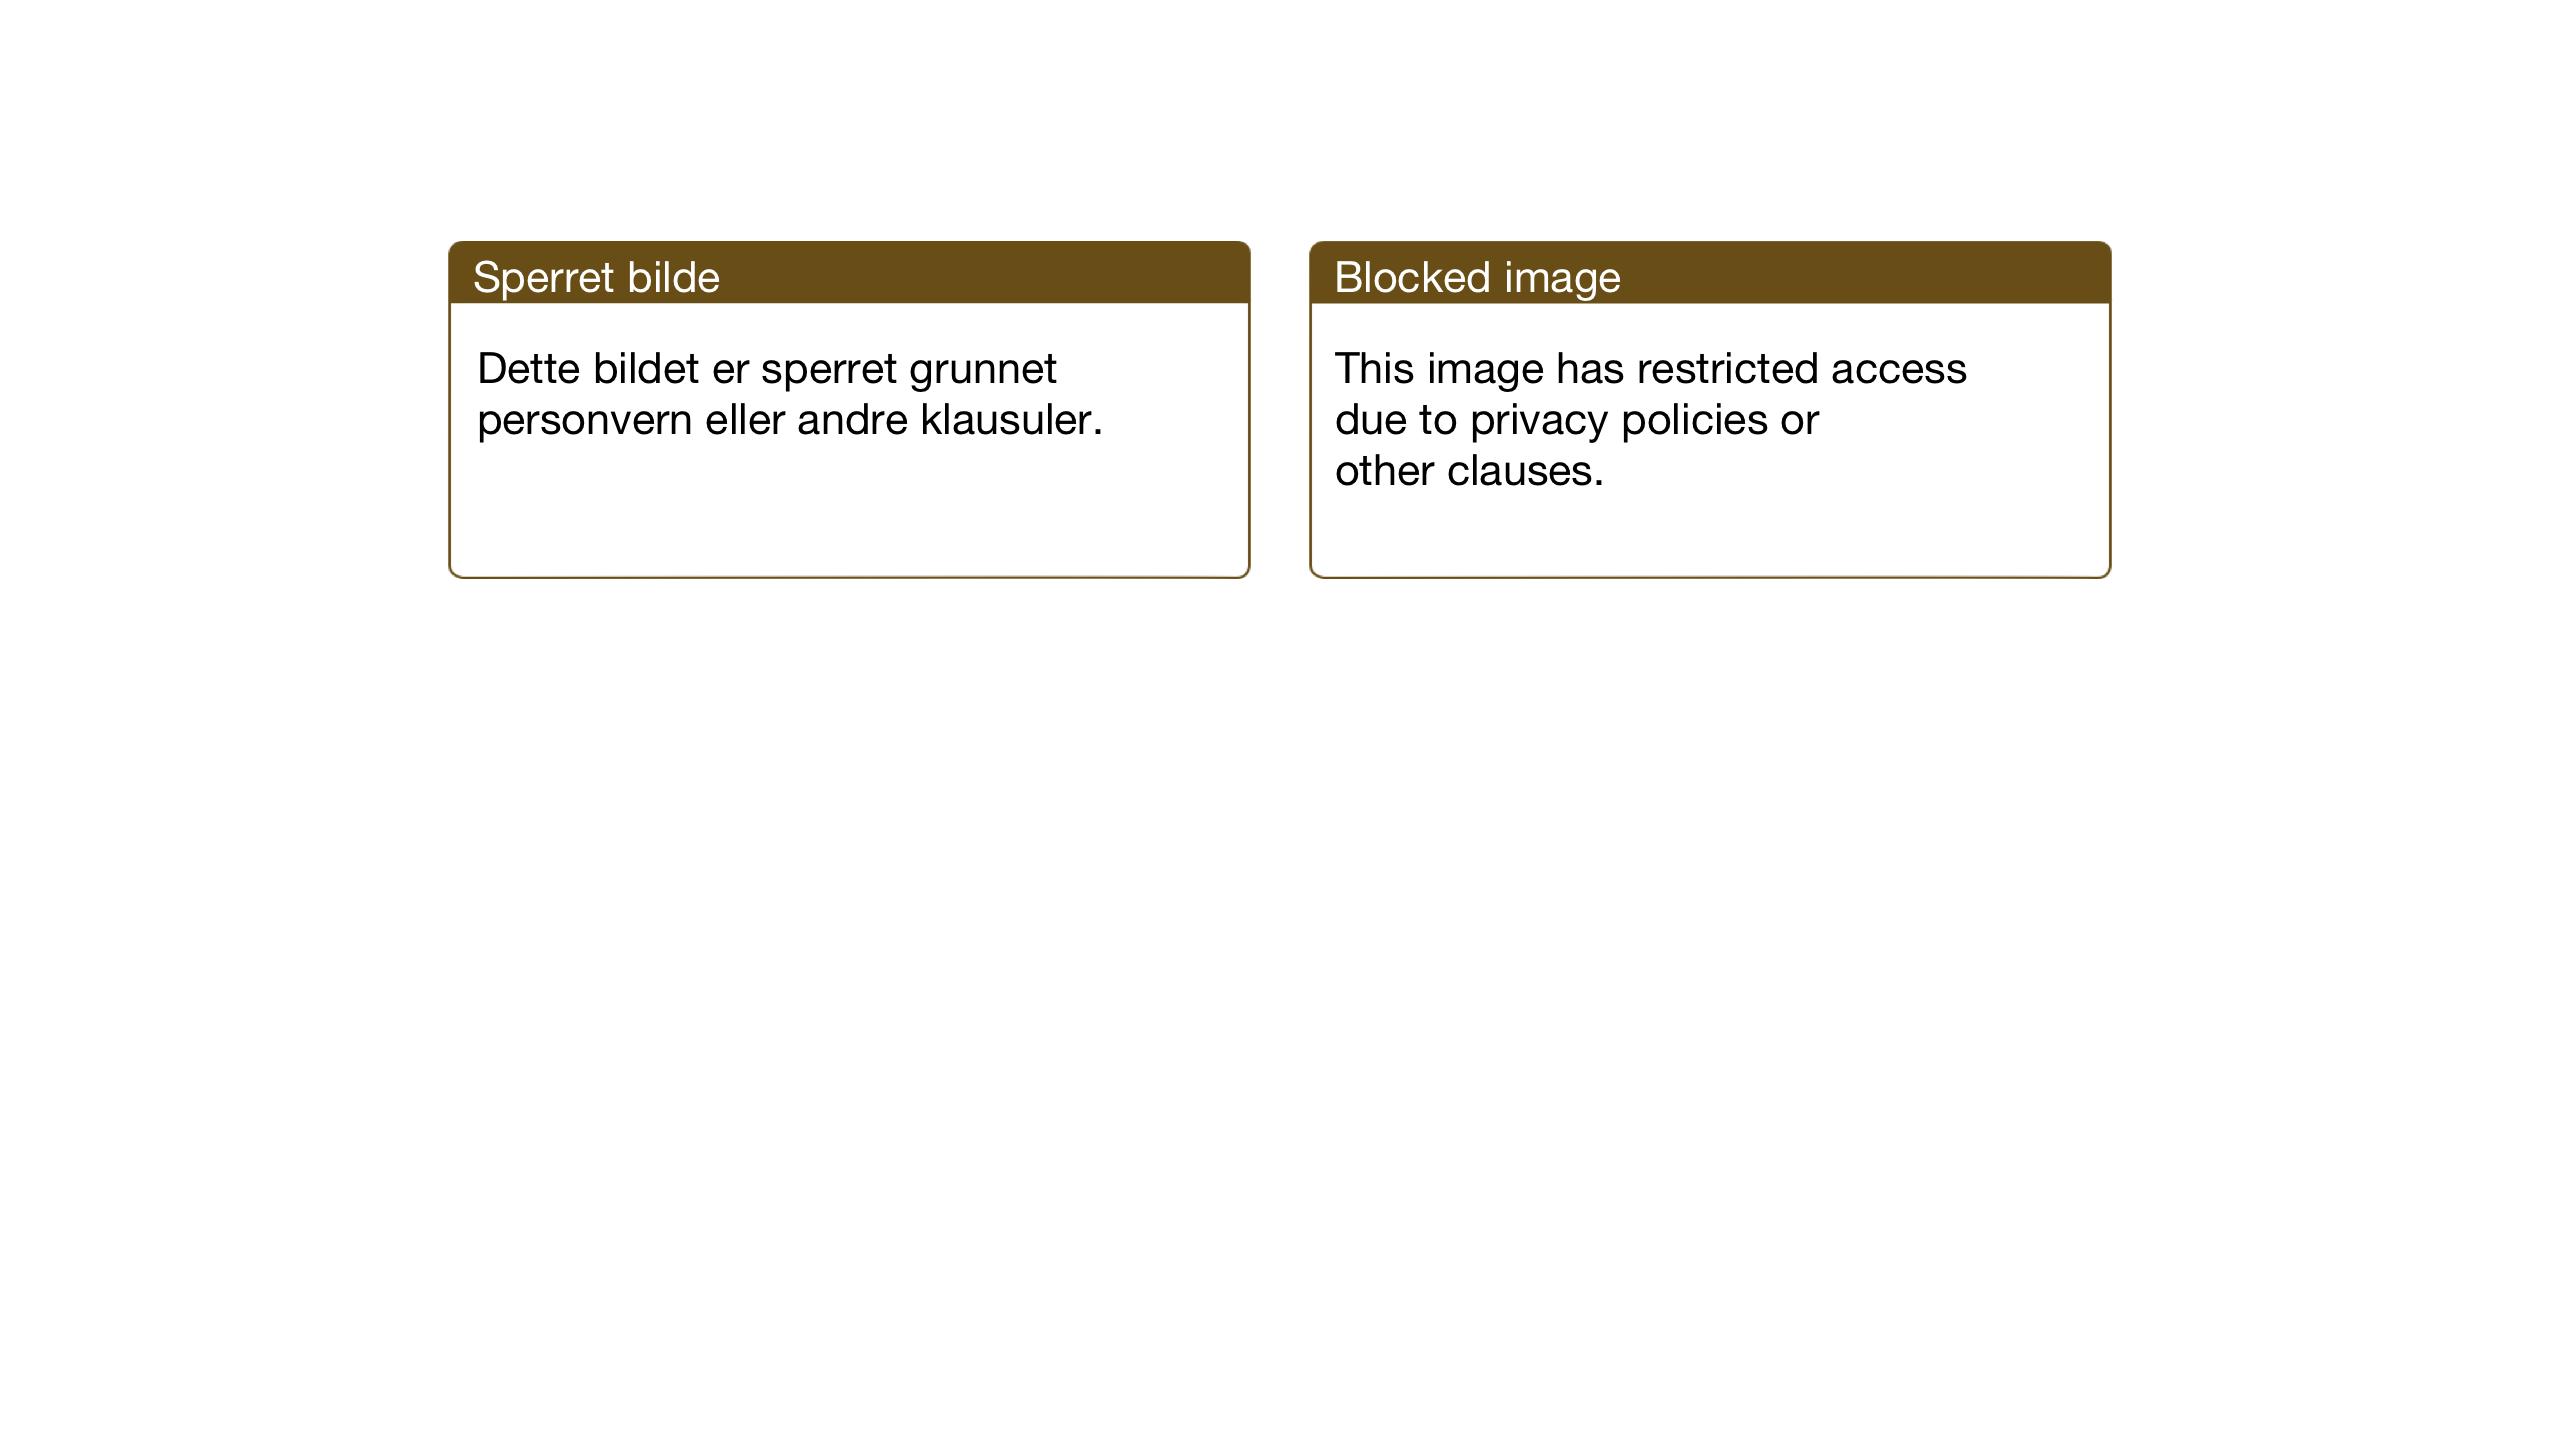 SAT, Ministerialprotokoller, klokkerbøker og fødselsregistre - Sør-Trøndelag, 691/L1095: Klokkerbok nr. 691C06, 1912-1933, s. 108